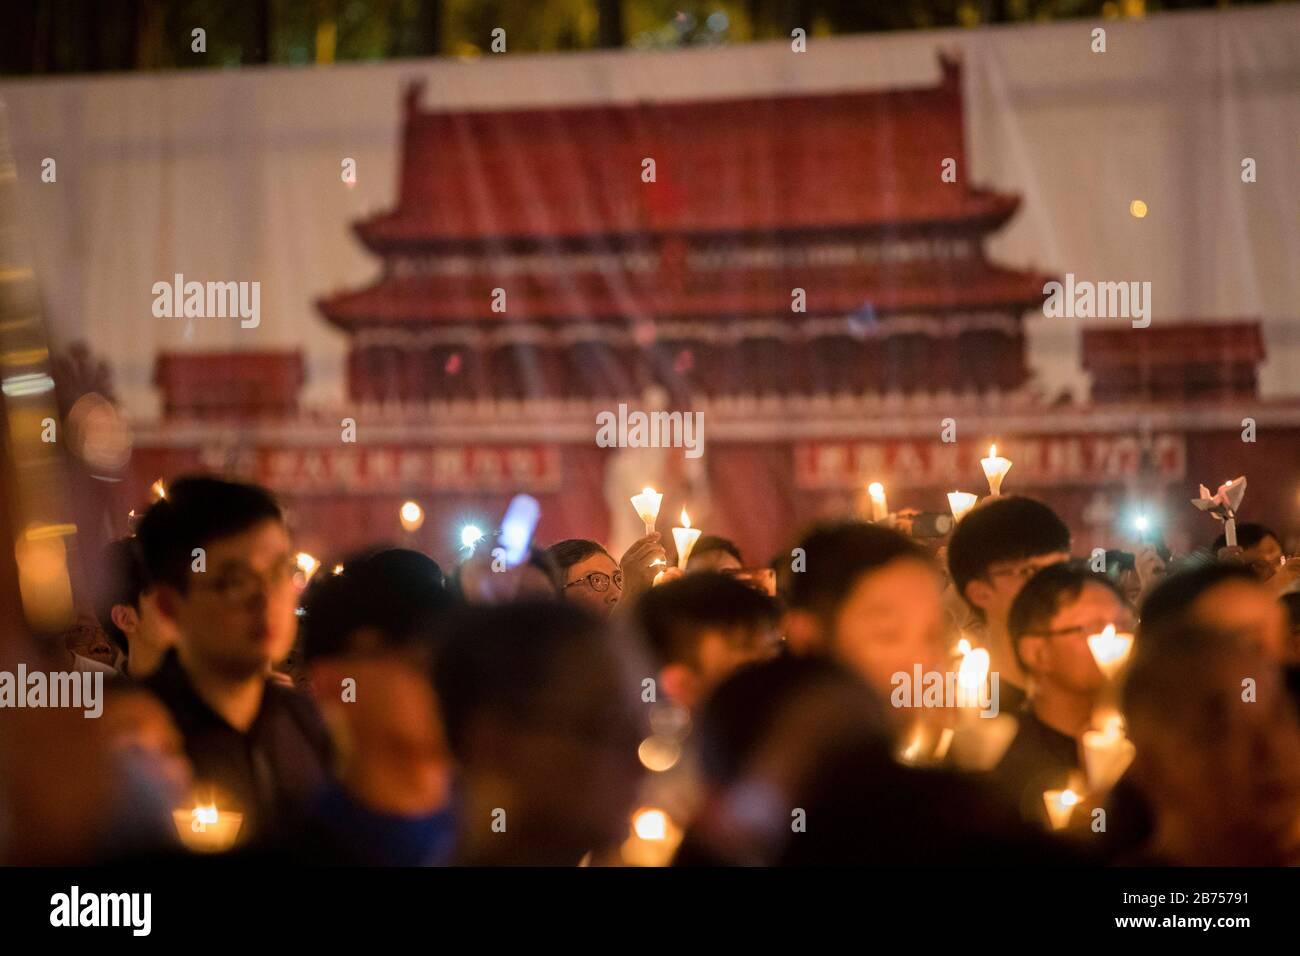 I partecipanti partecipano alla veglia annuale a lume di candela che commemorava il 30° anniversario del massacro di Piazza Tiananmen del 1989 a Victoria Park A Hong Kong, Cina, 4 giugno 2019. Foto Stock